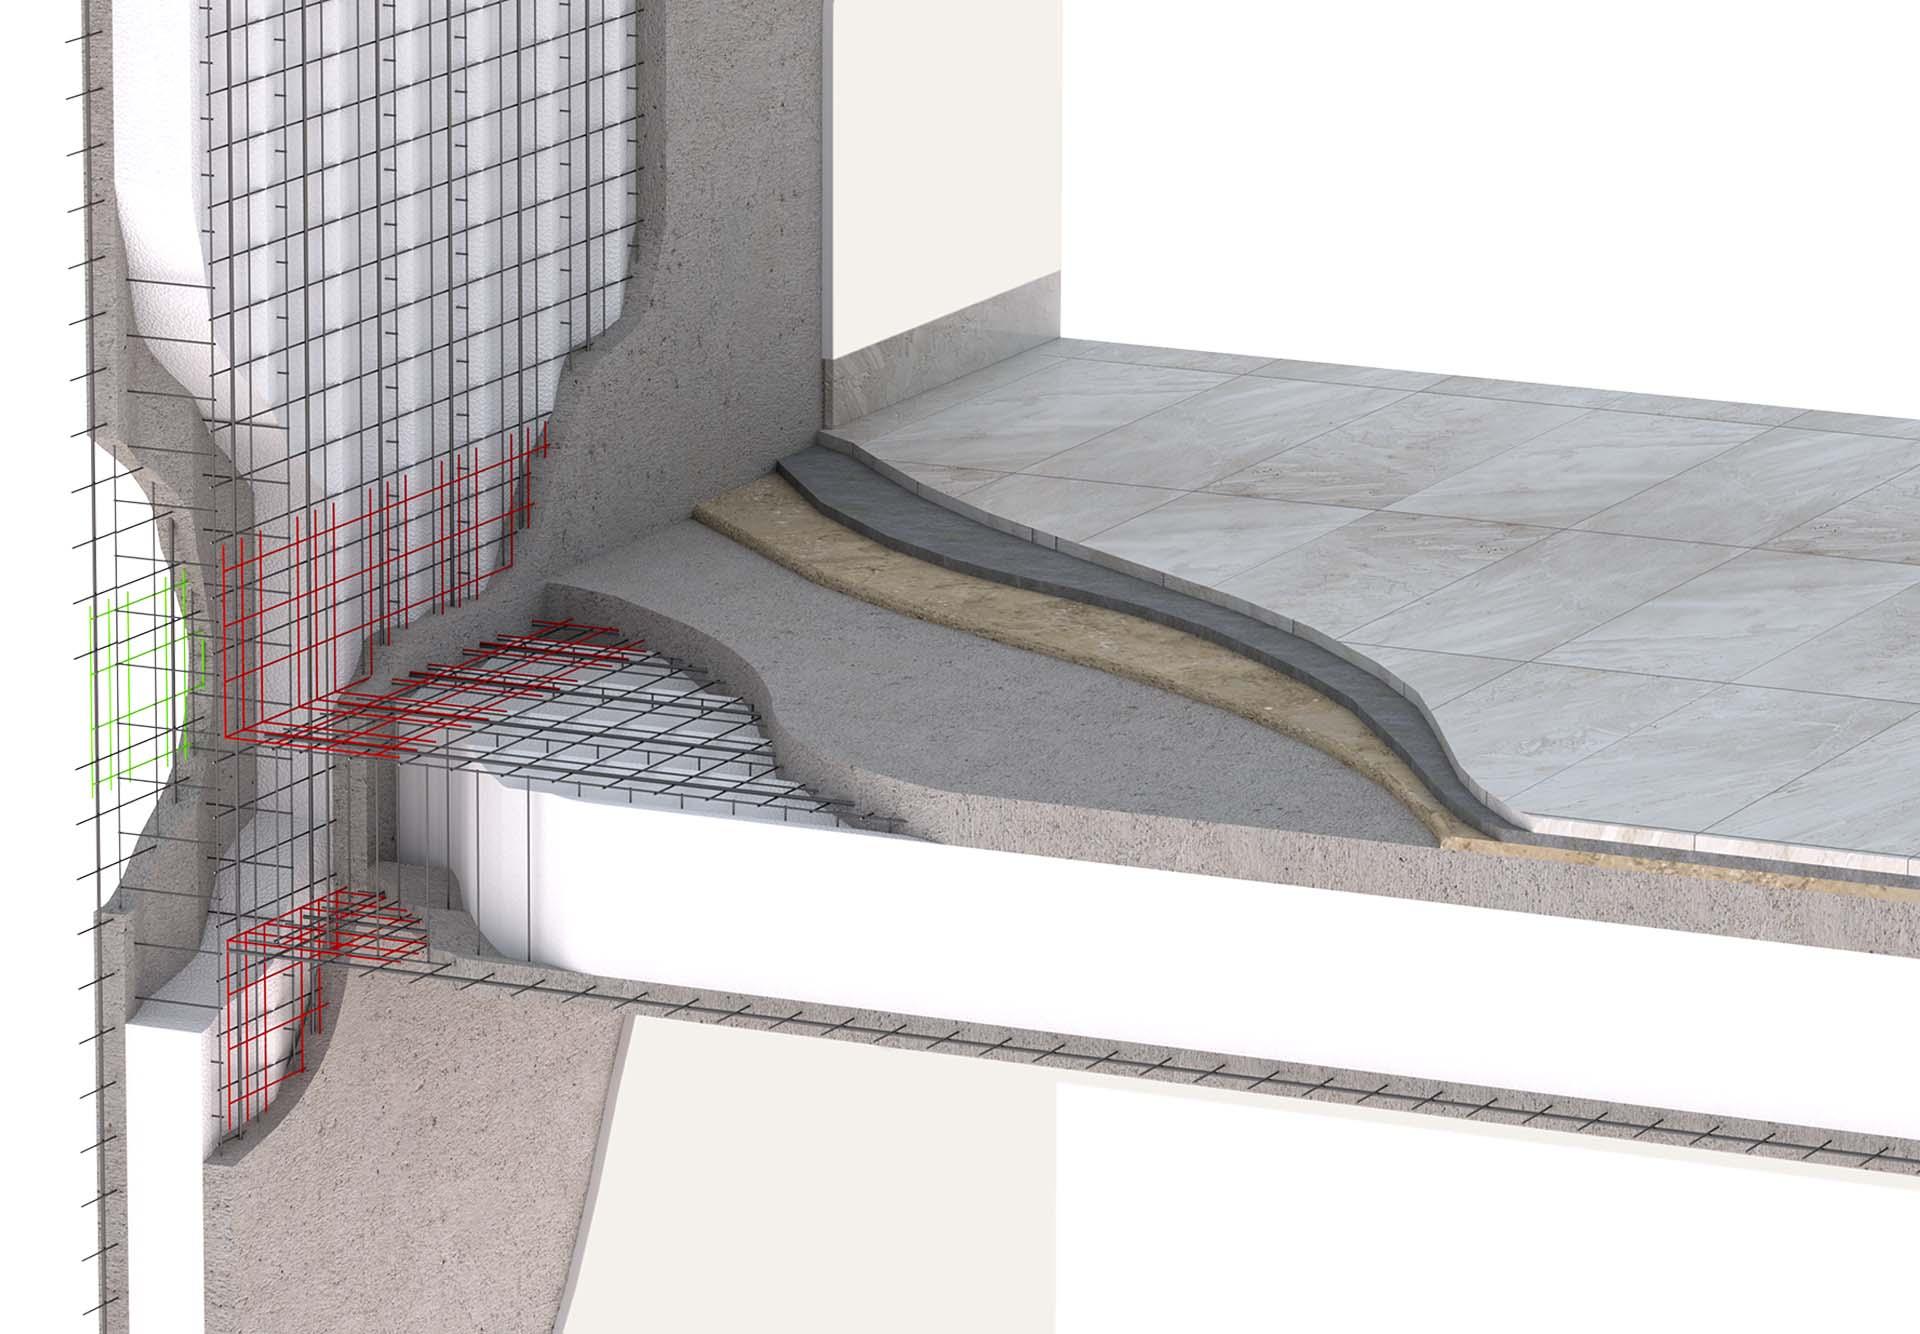 Sistema integral de construcción. Envolvente térmica cumpliendo con el nuevo código técnico.